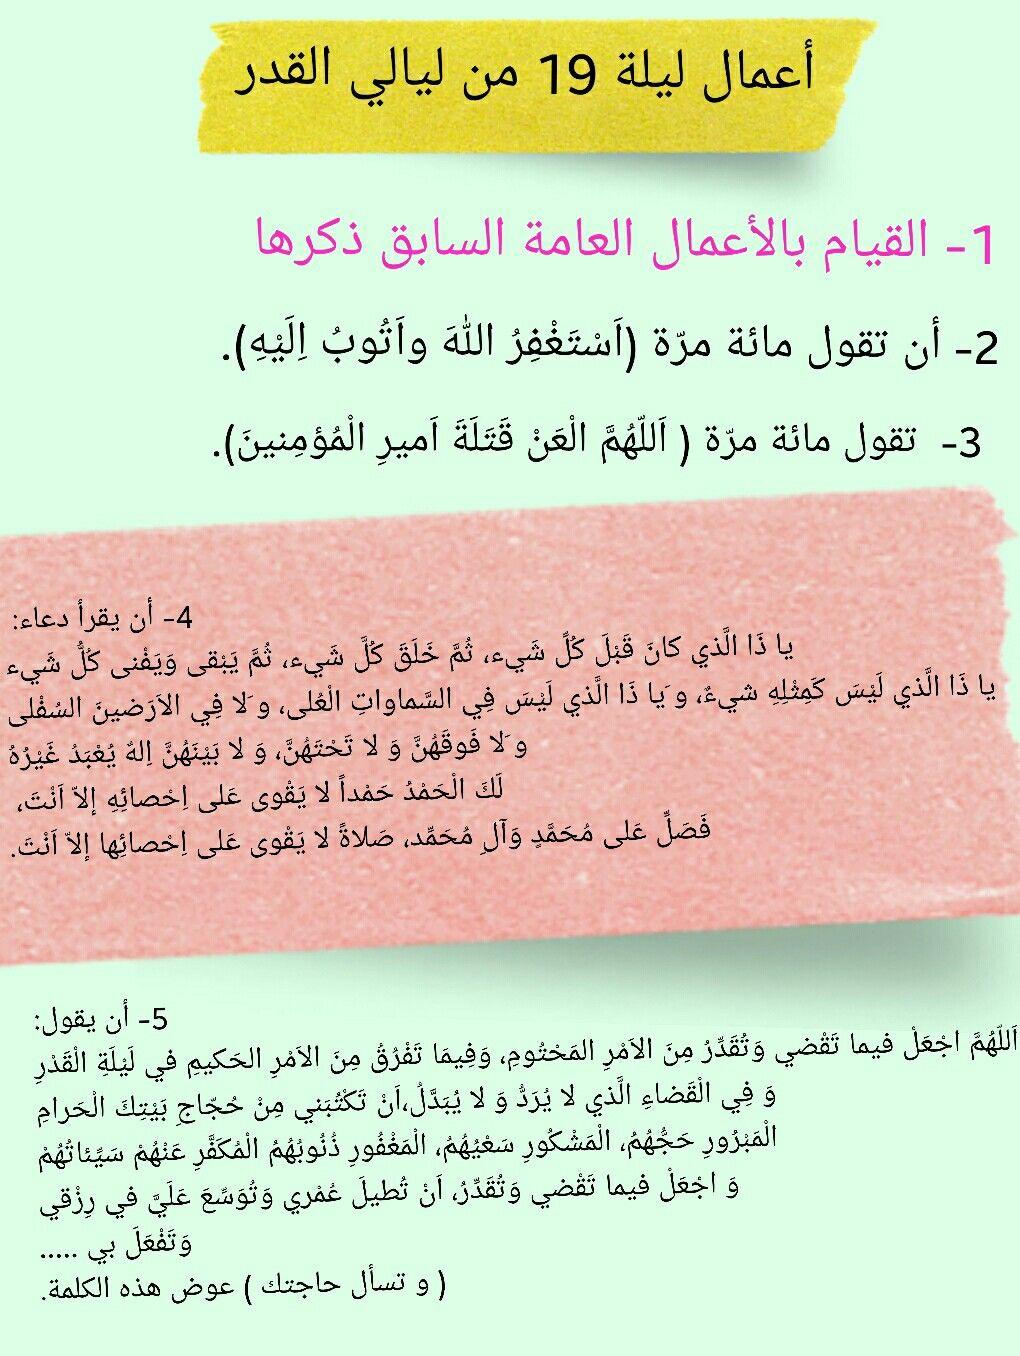 3 أعمال ليلة القدر ليلة 19 رمضان تمت الاستفادة من المصدر حقيبة المؤمن شبكة الكفيل العالمية Boarding Pass